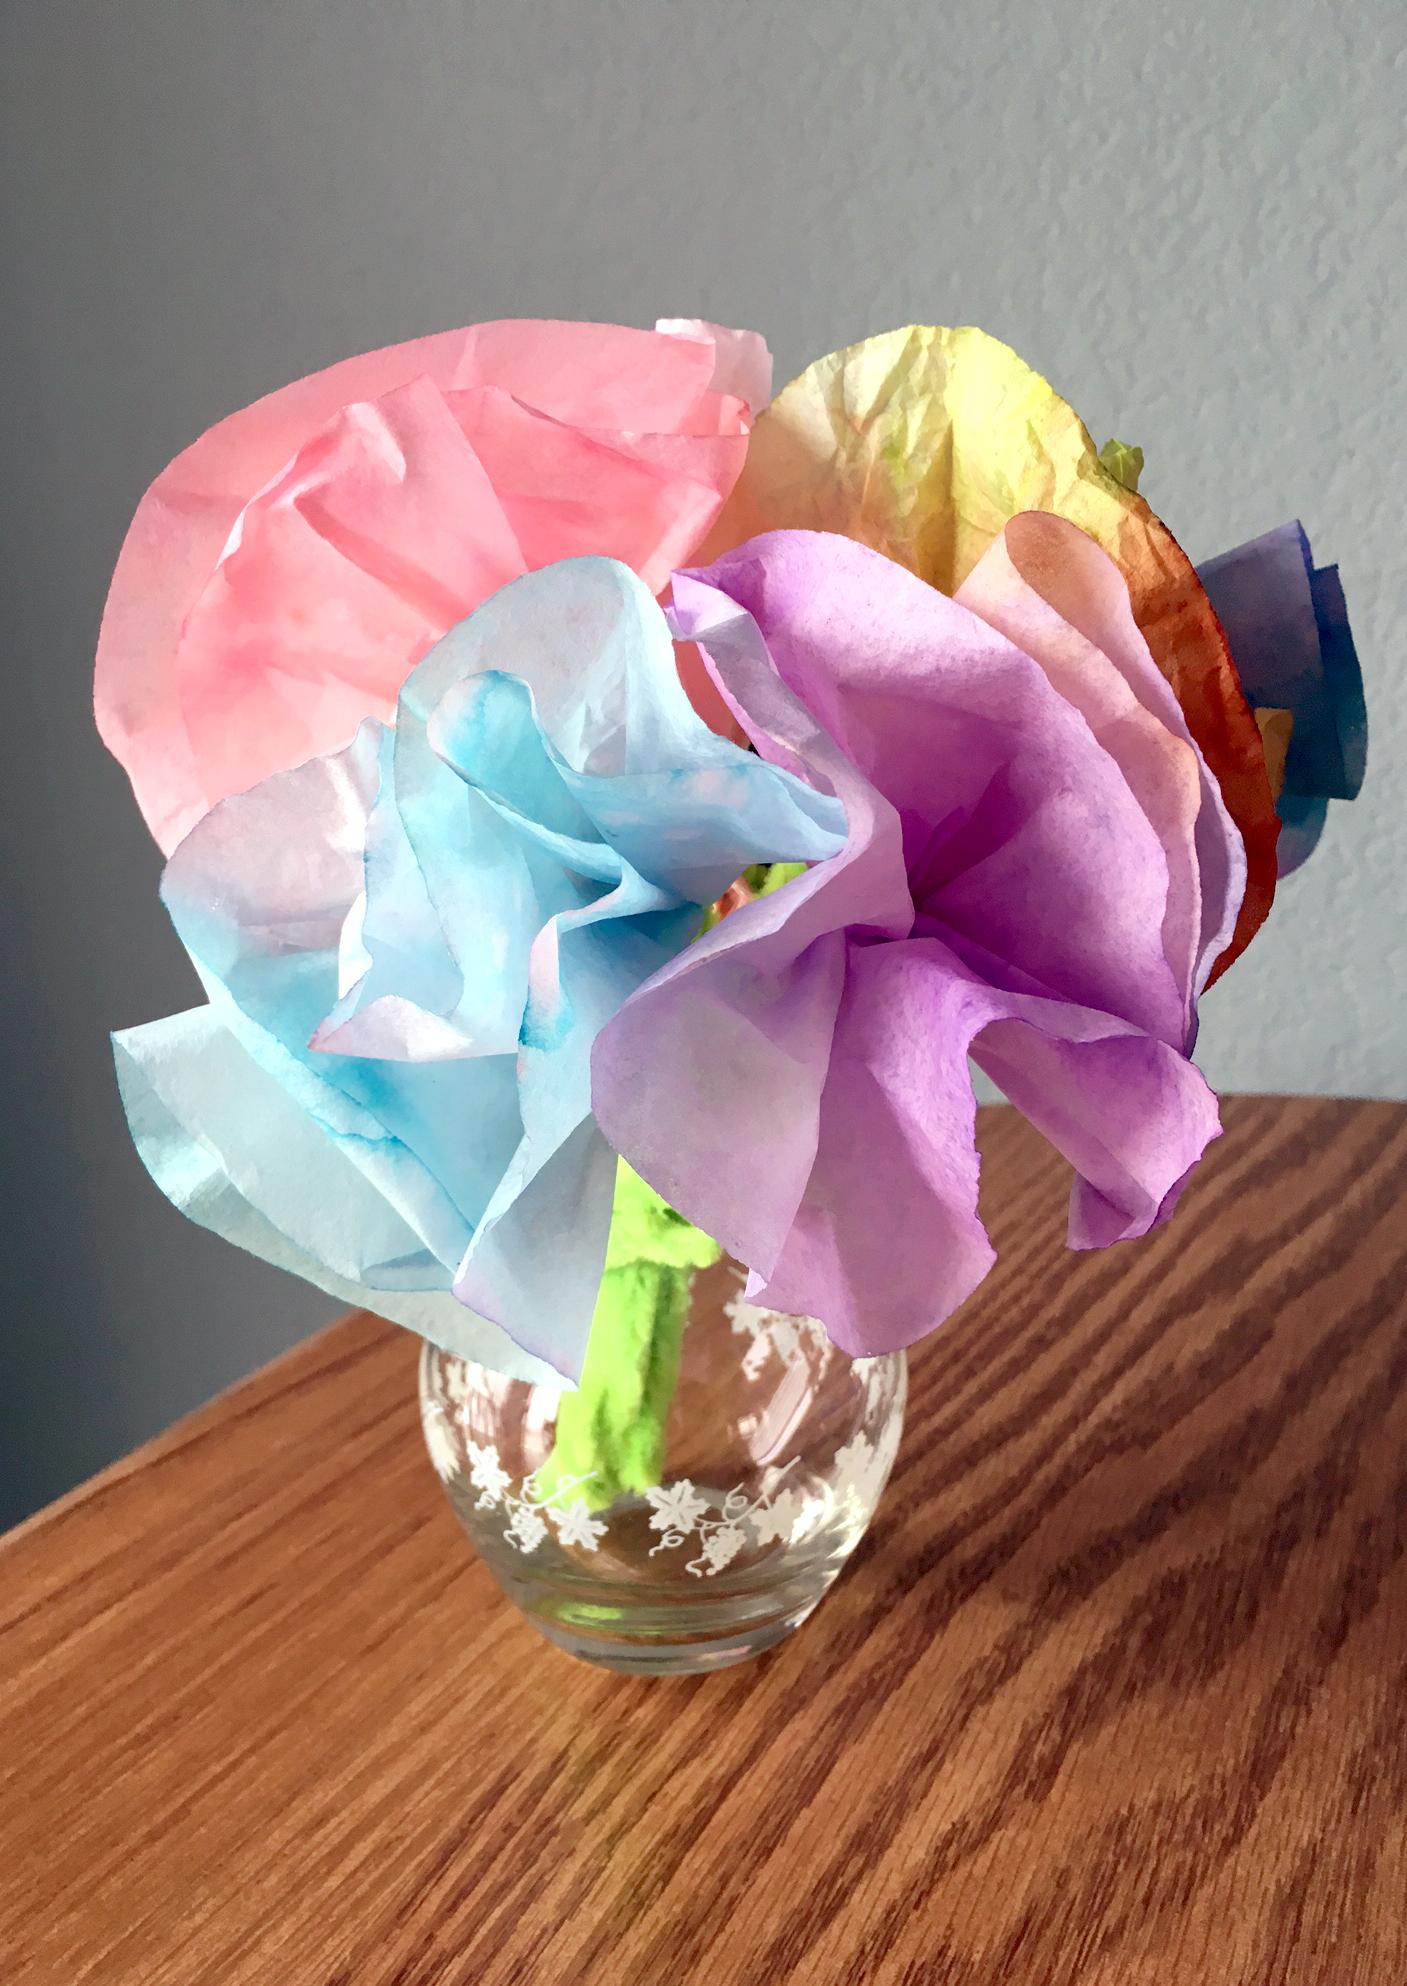 Coffee Filter Flowers Diy Joyfully Smitten